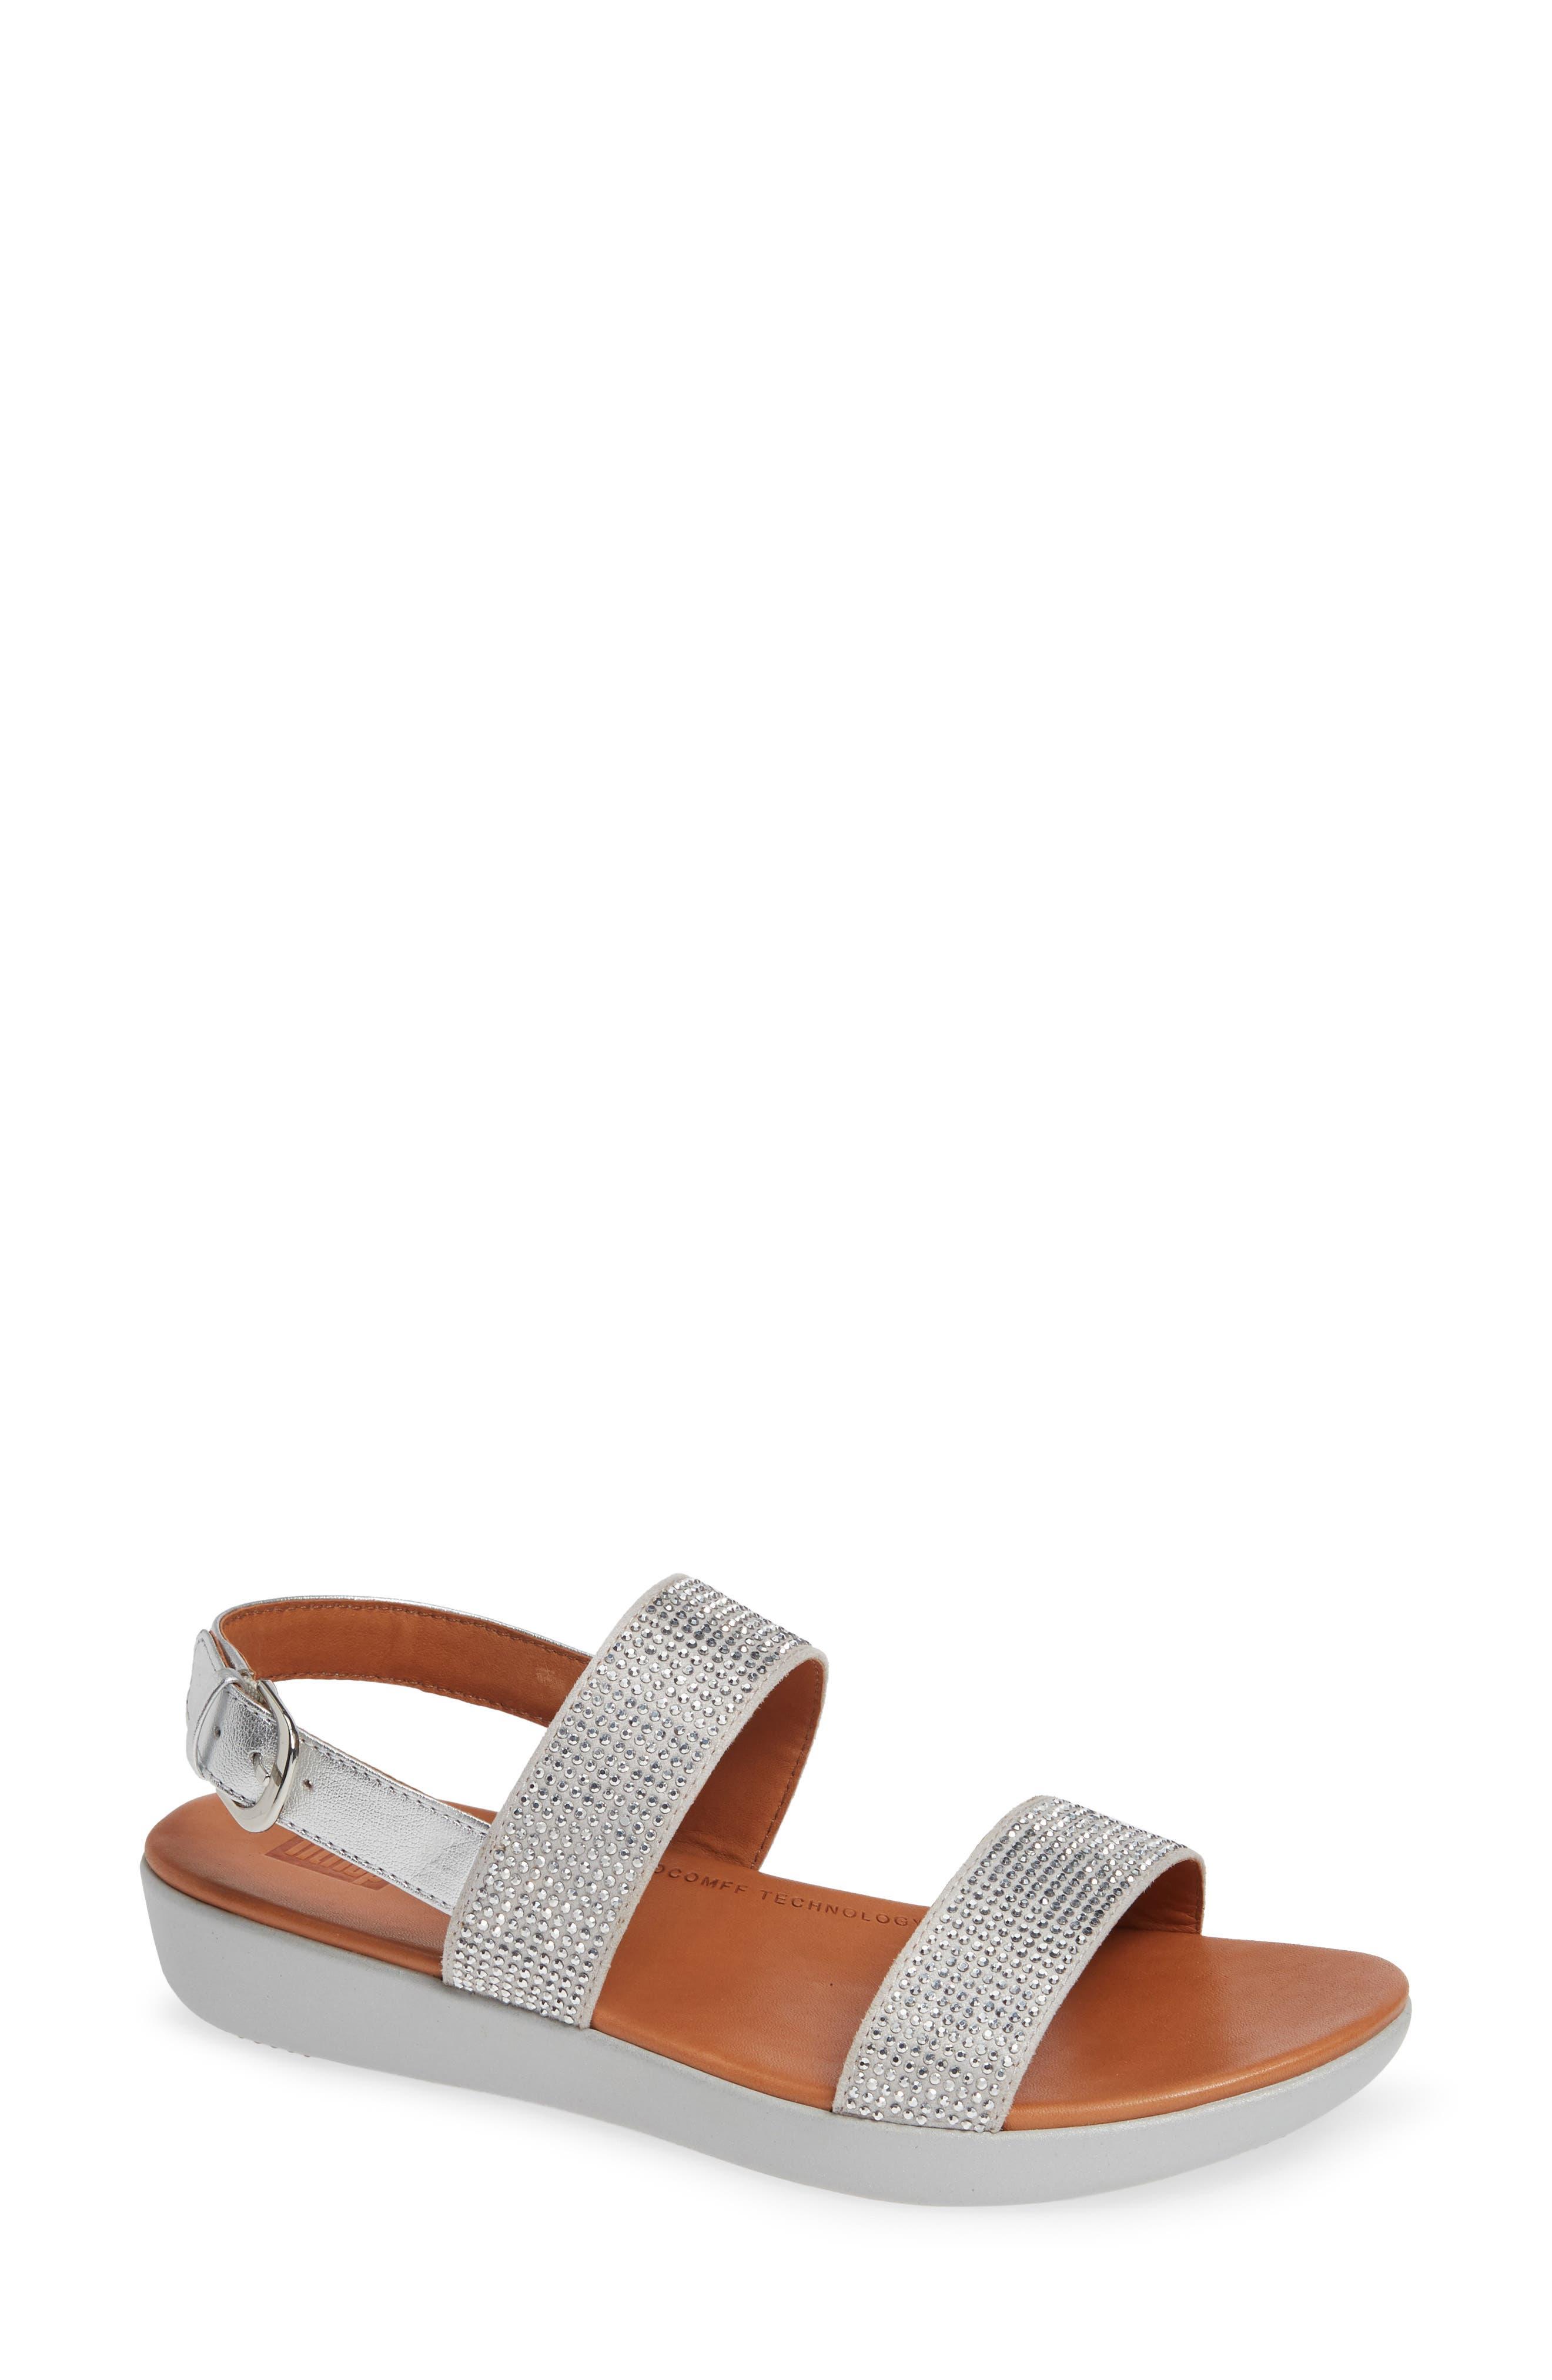 Fitflop Barra Crystal Embellished Sandal, Metallic